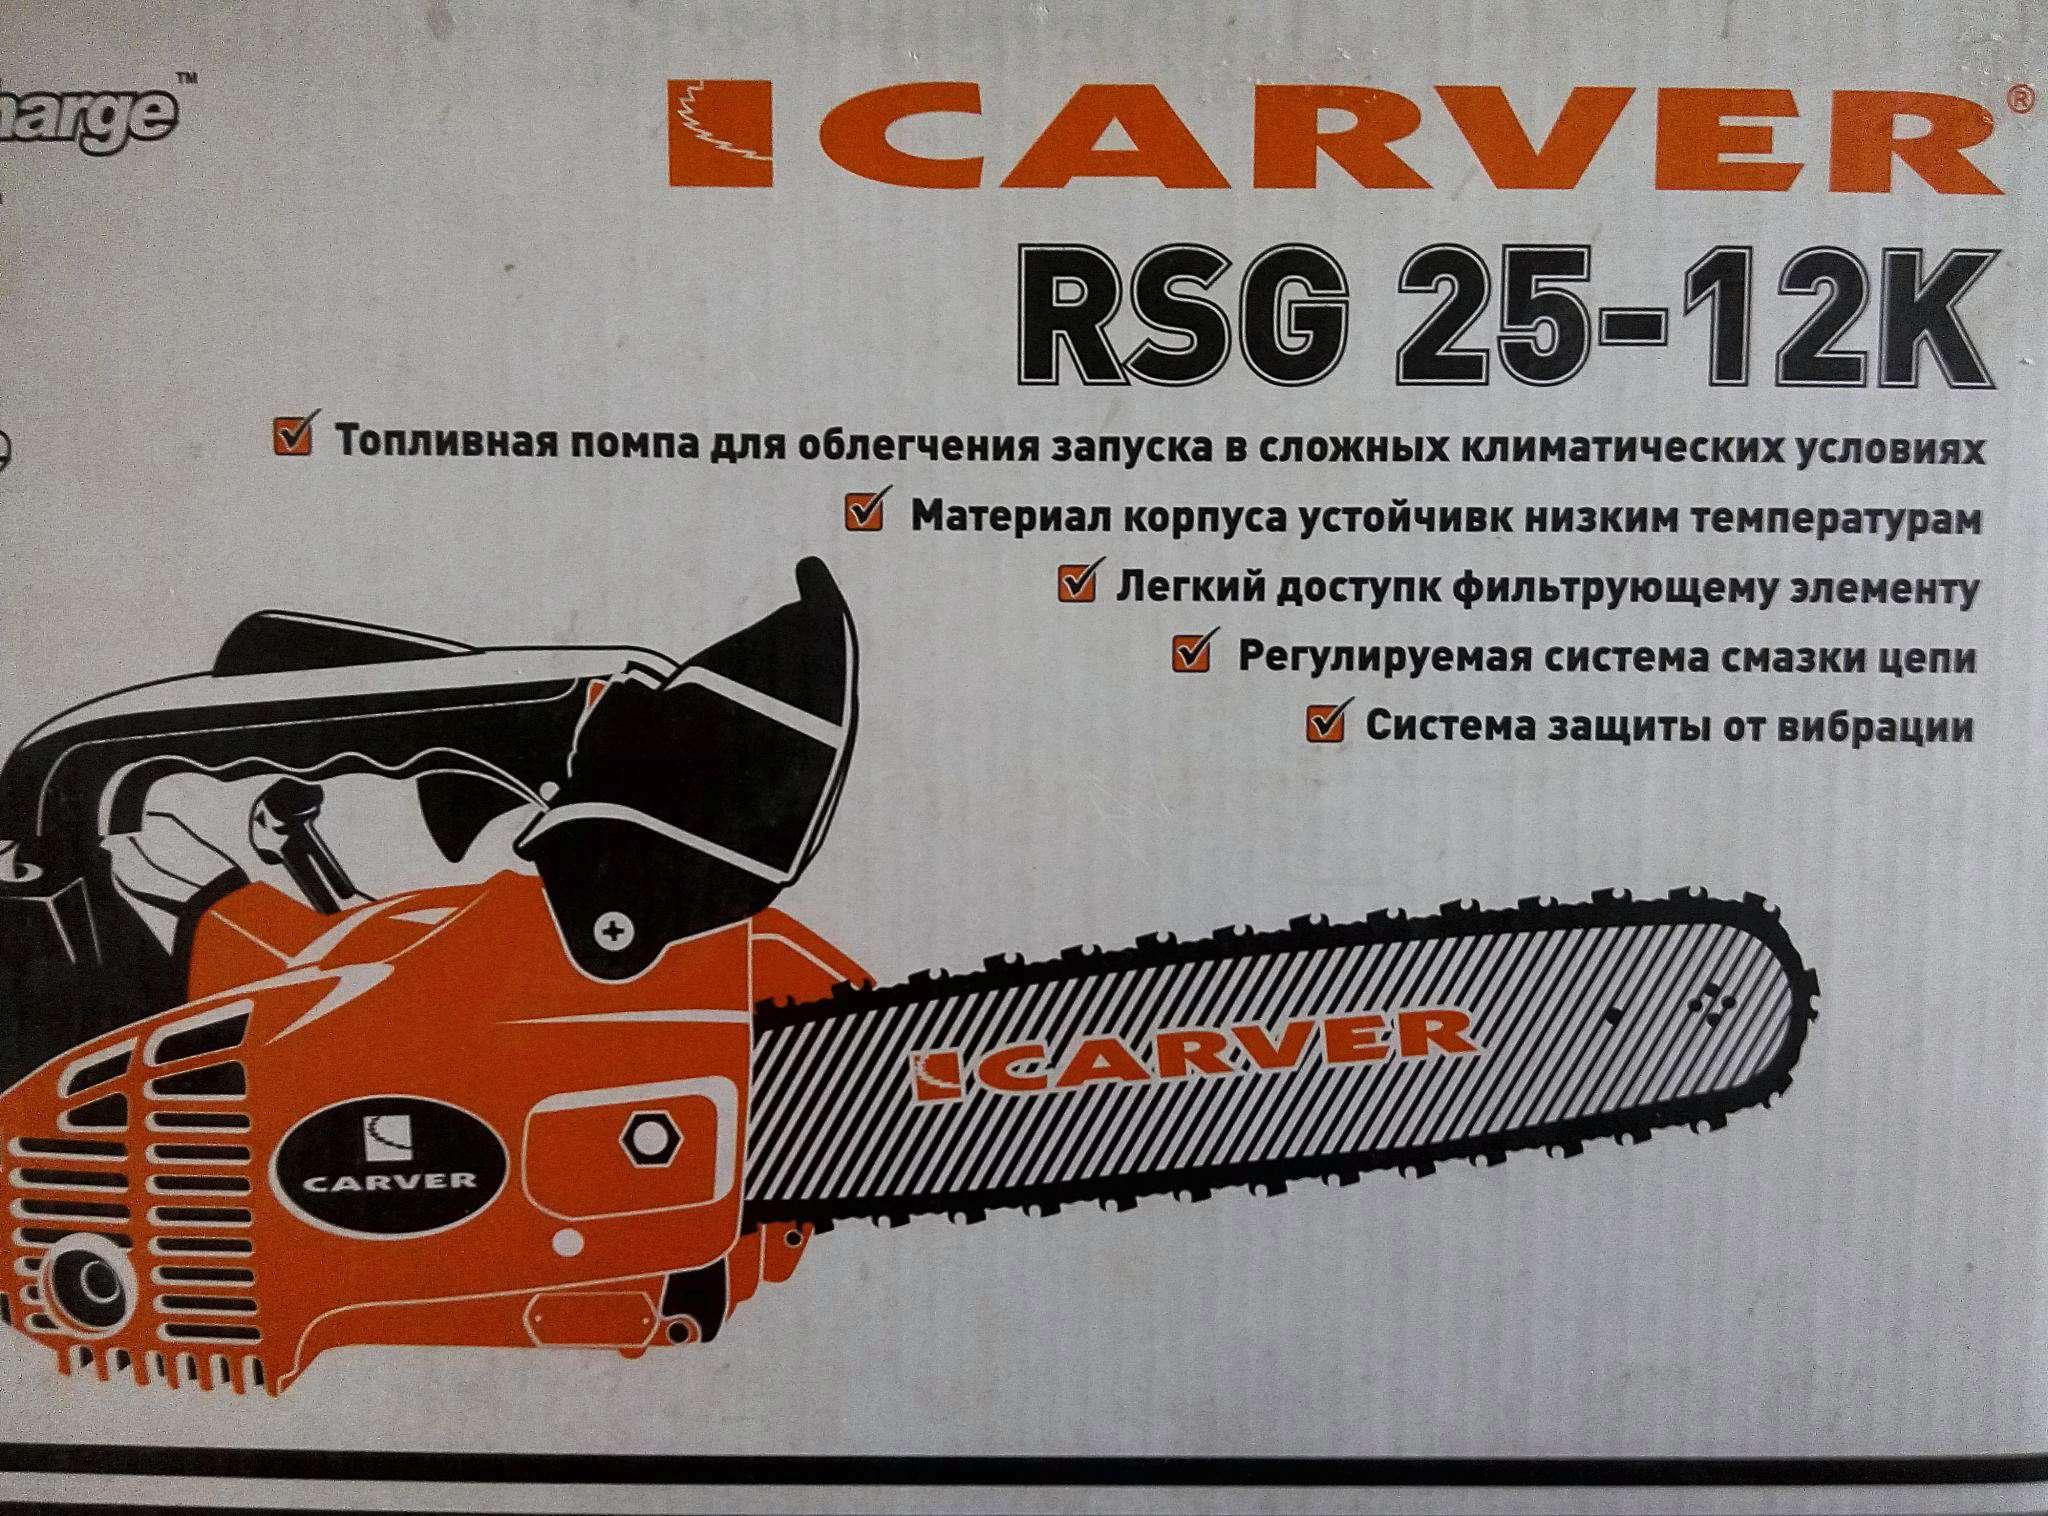 Бензопила carver rsg 25-12k. отличный выбор для рыбака и охотника! | все о бензопилах